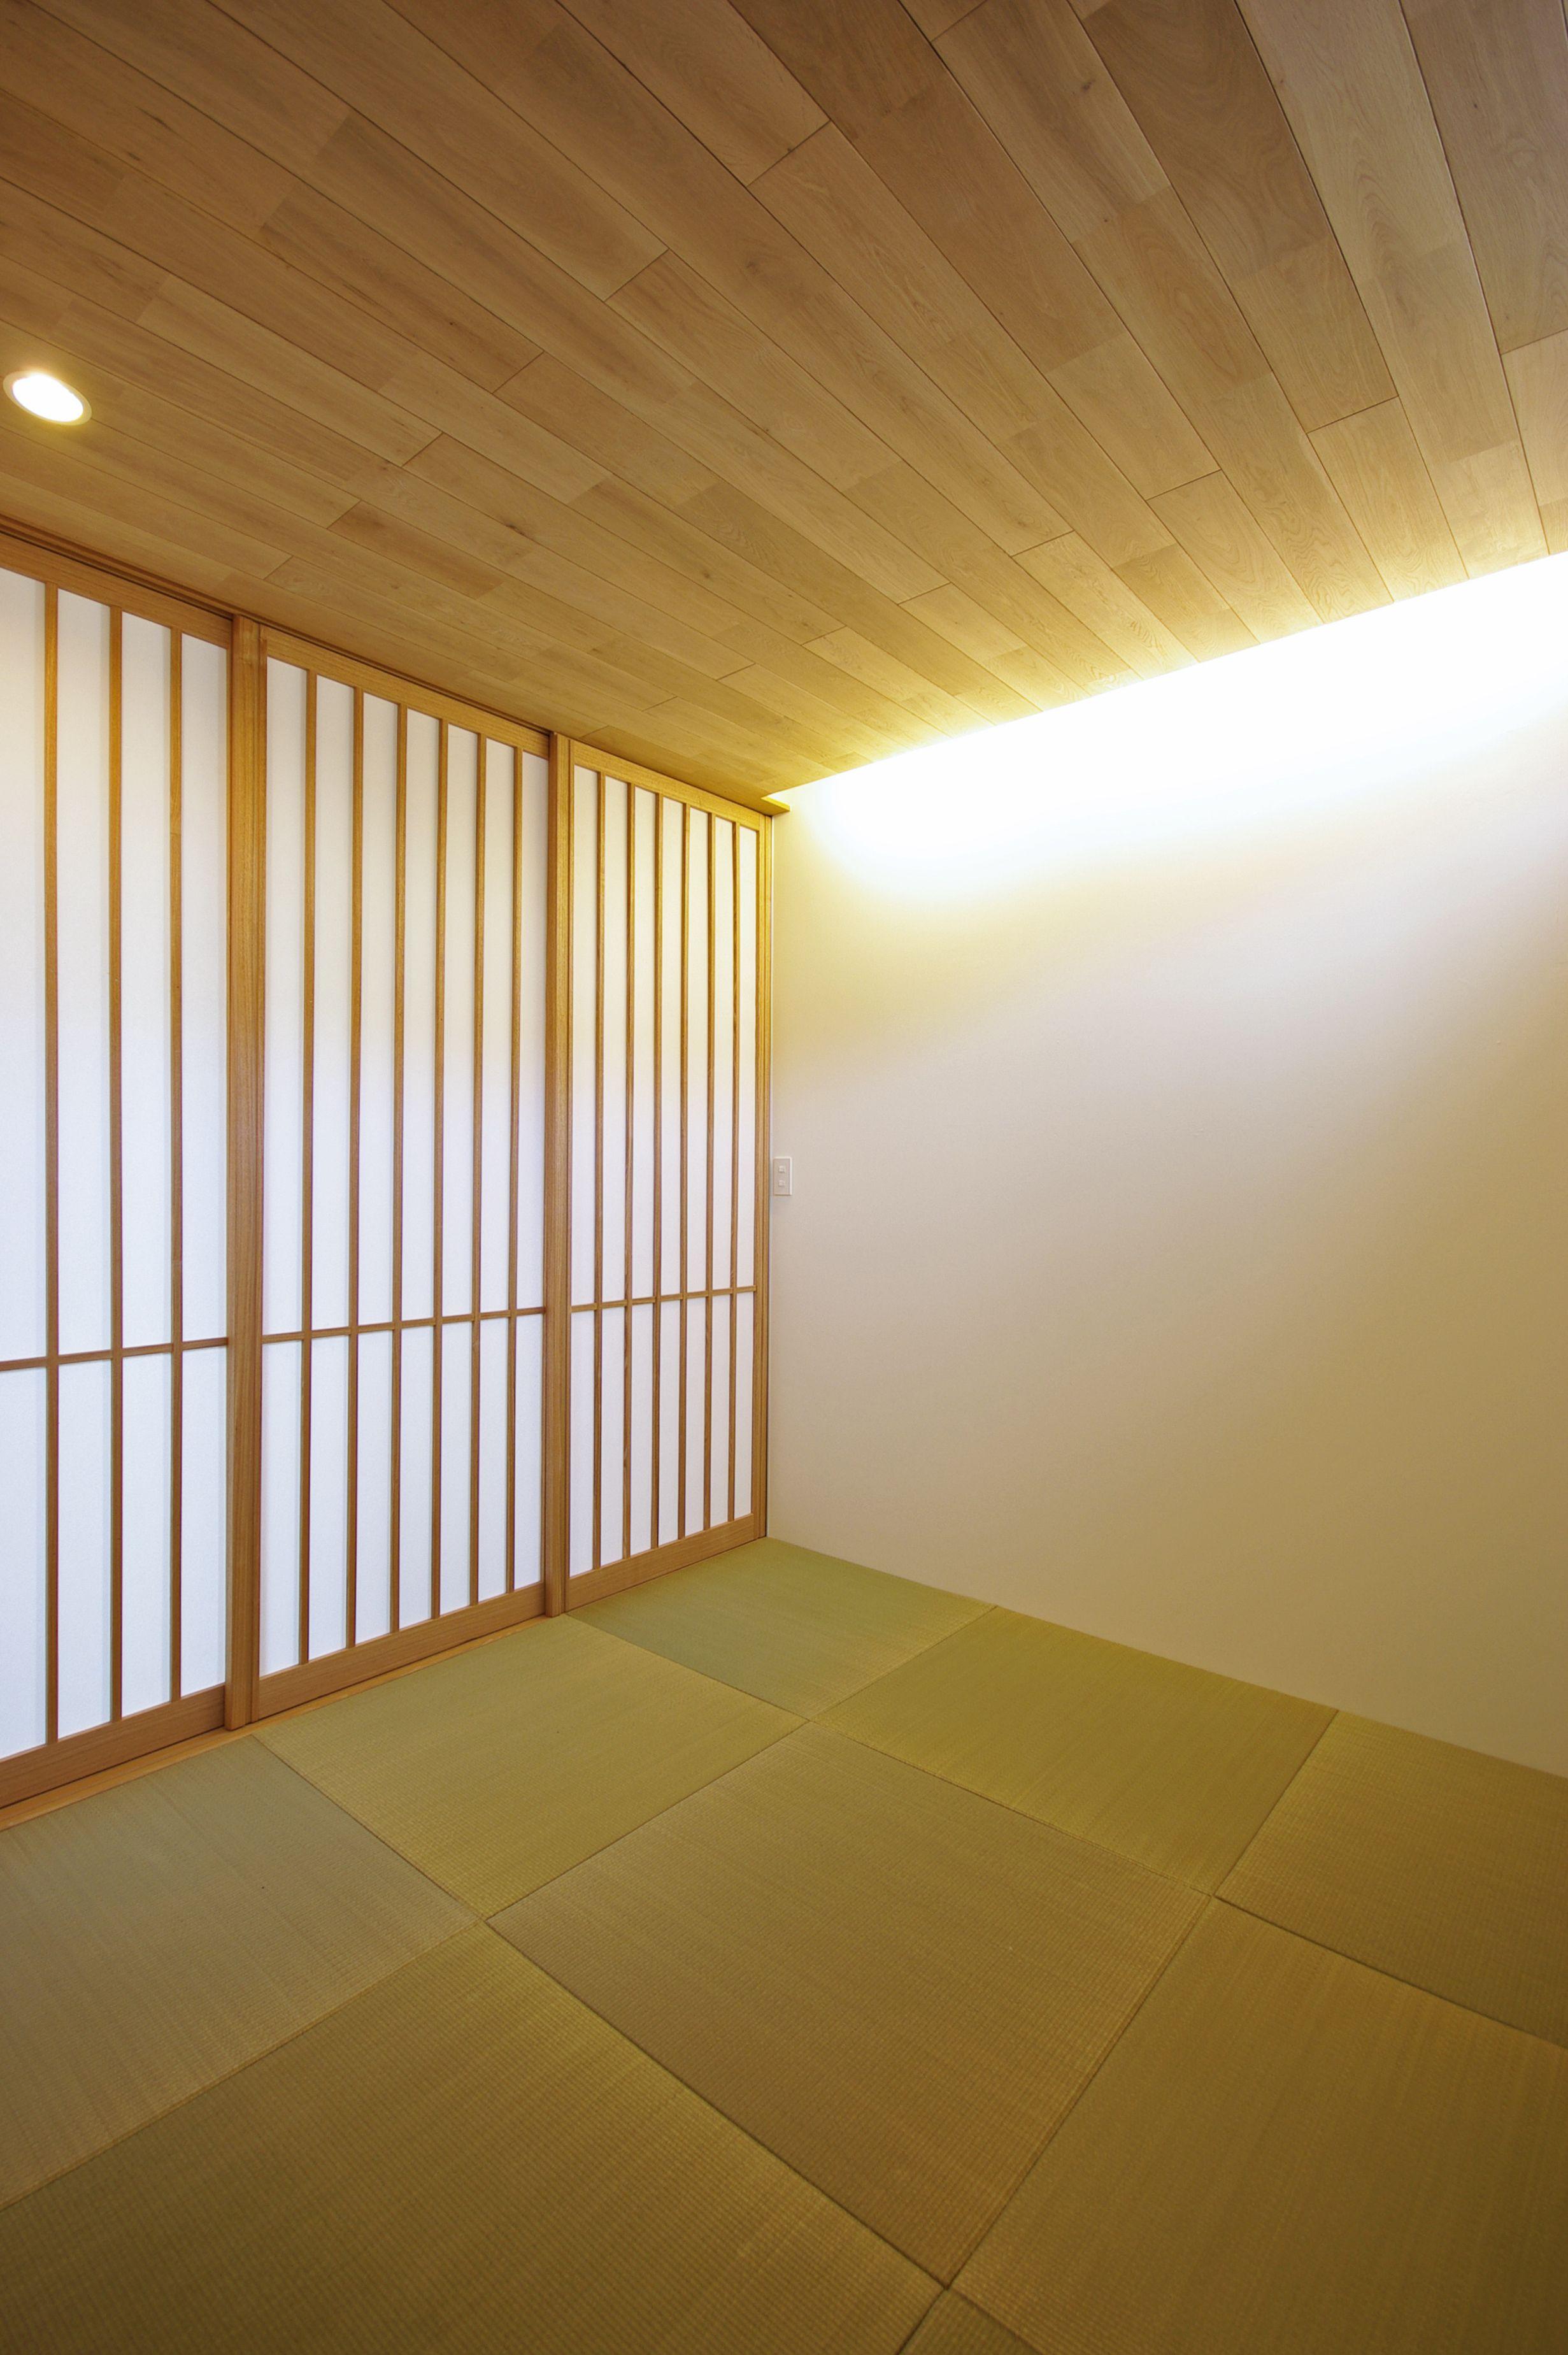 豊岡の家 トヨオカノイエ 玄関横の和室 土間から入る 少し変わった配置の客間です 縁無半帖畳と間接照明で現代風に 板張りの天井と障子戸で落ち着く空間に 天井板はナラ材です 和室 和室照明 間接照明 障子 縁無畳 半帖畳 イグサ ナラ ナラ材